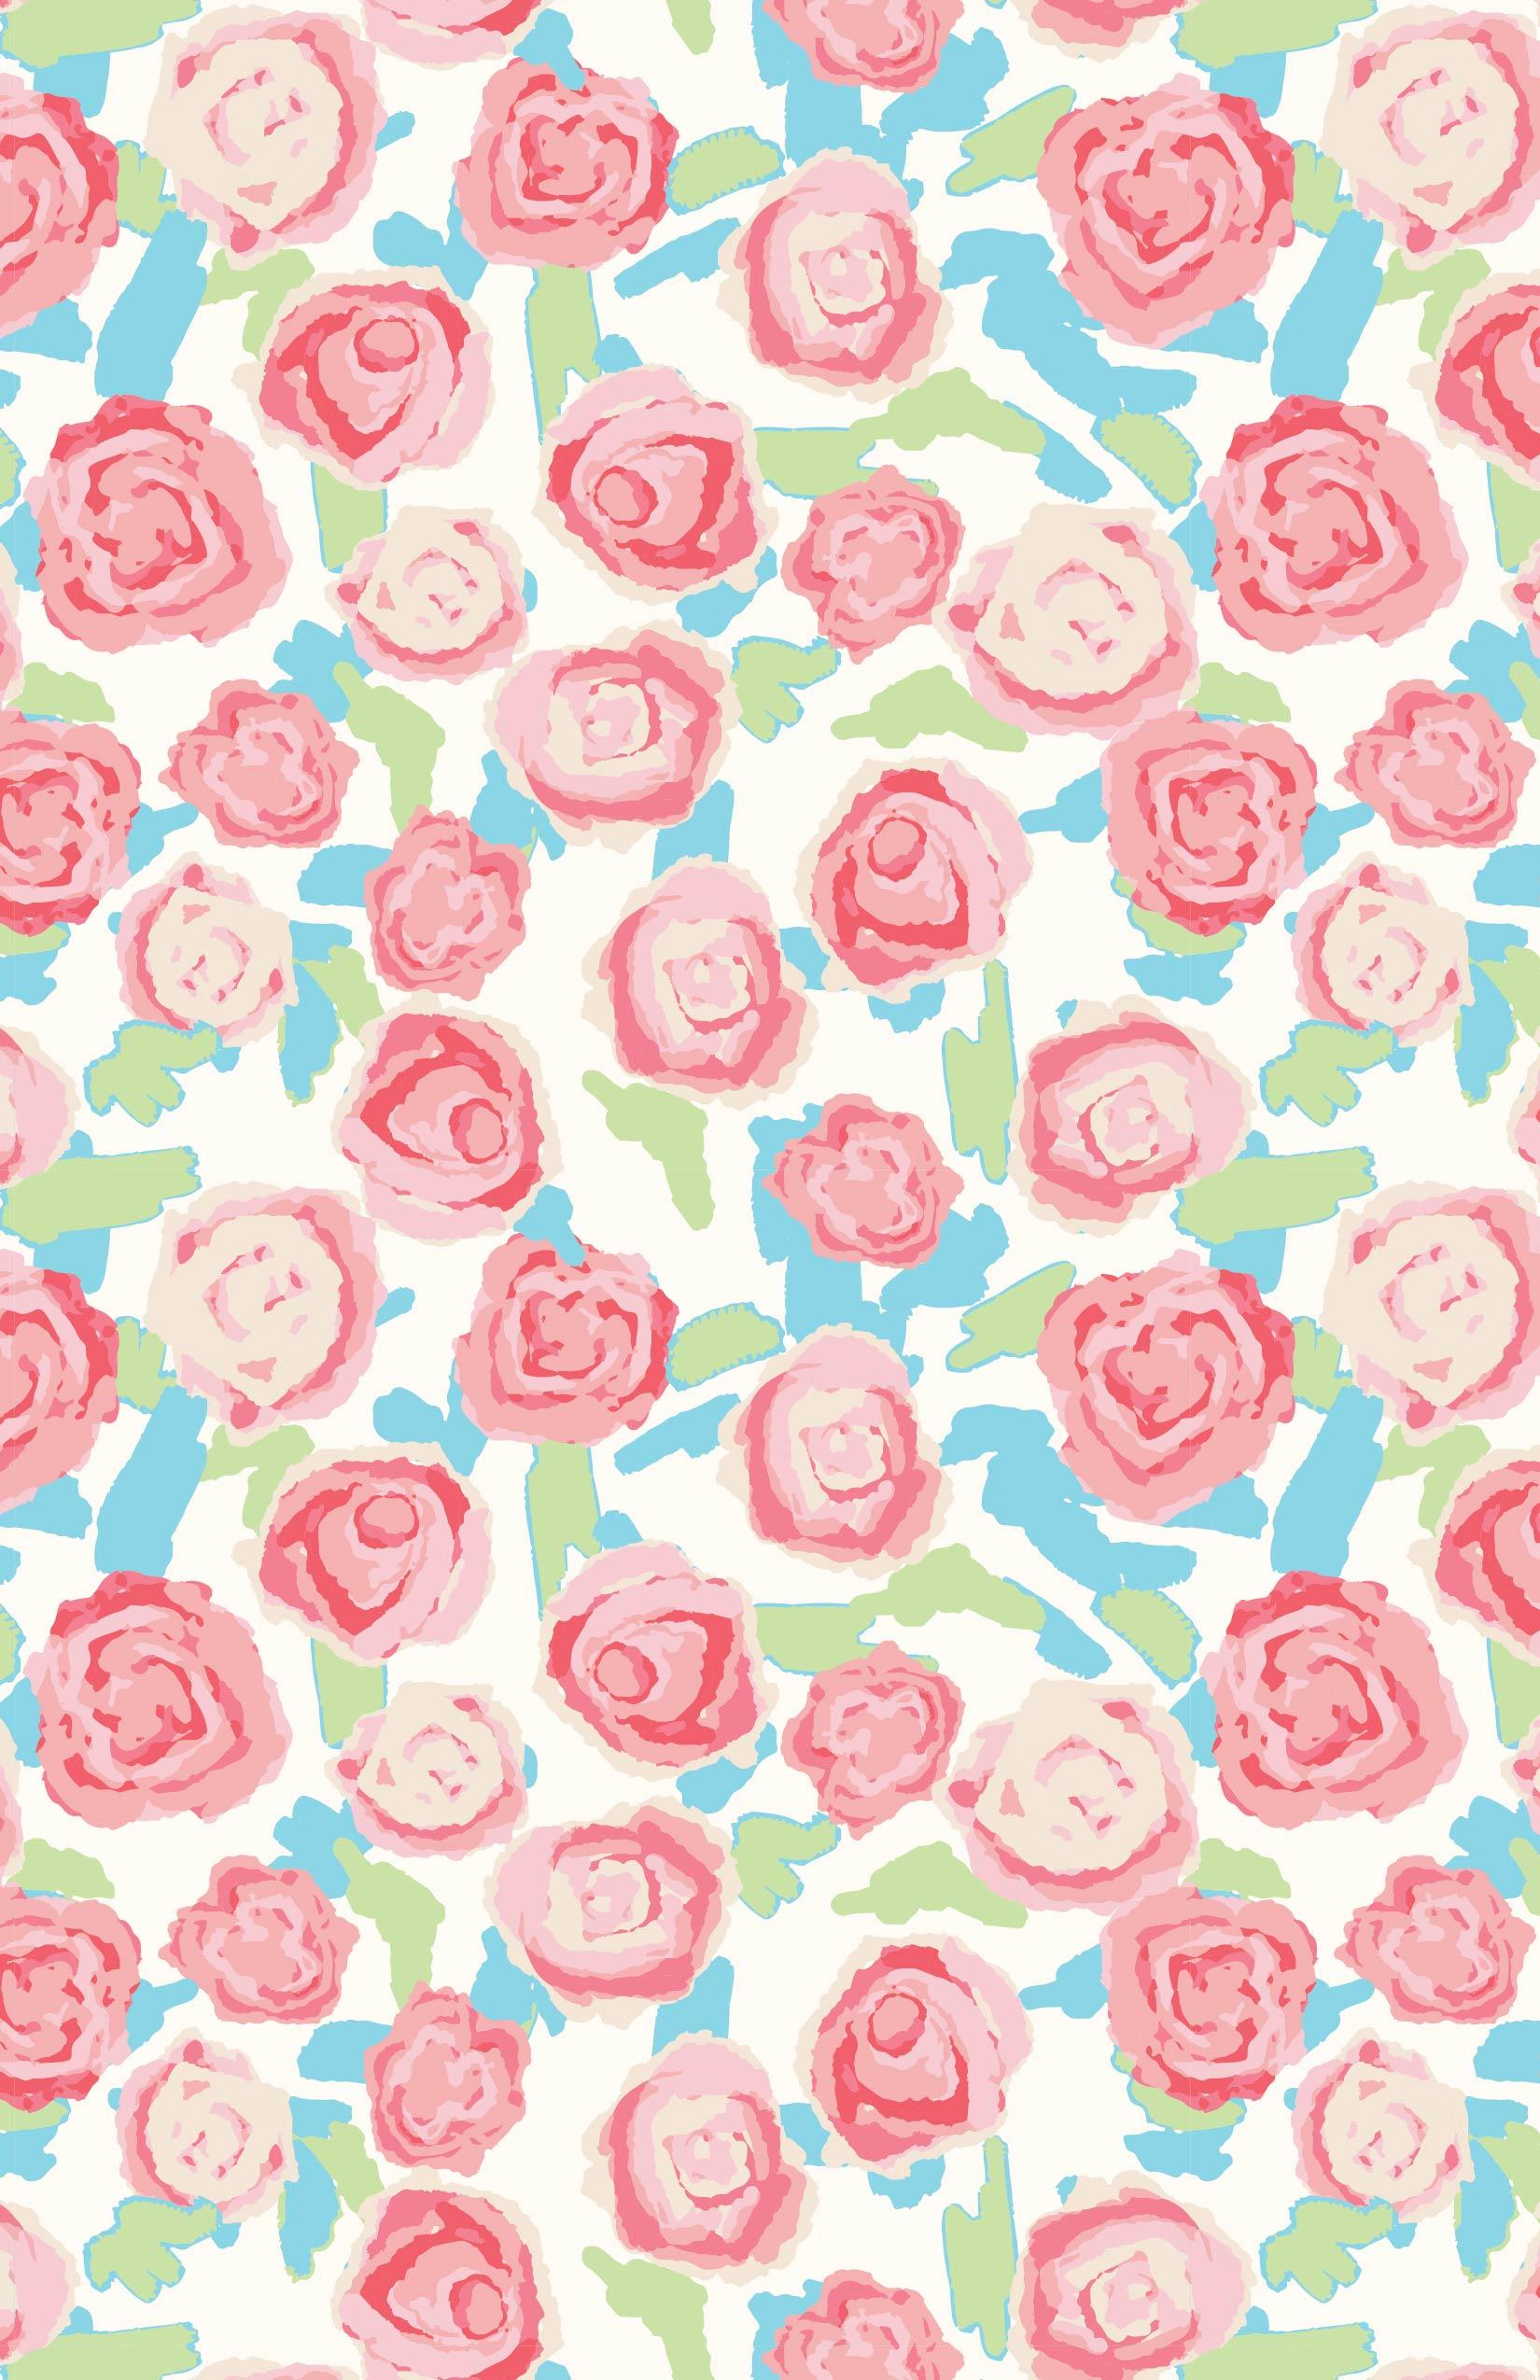 painted roses-01.jpg